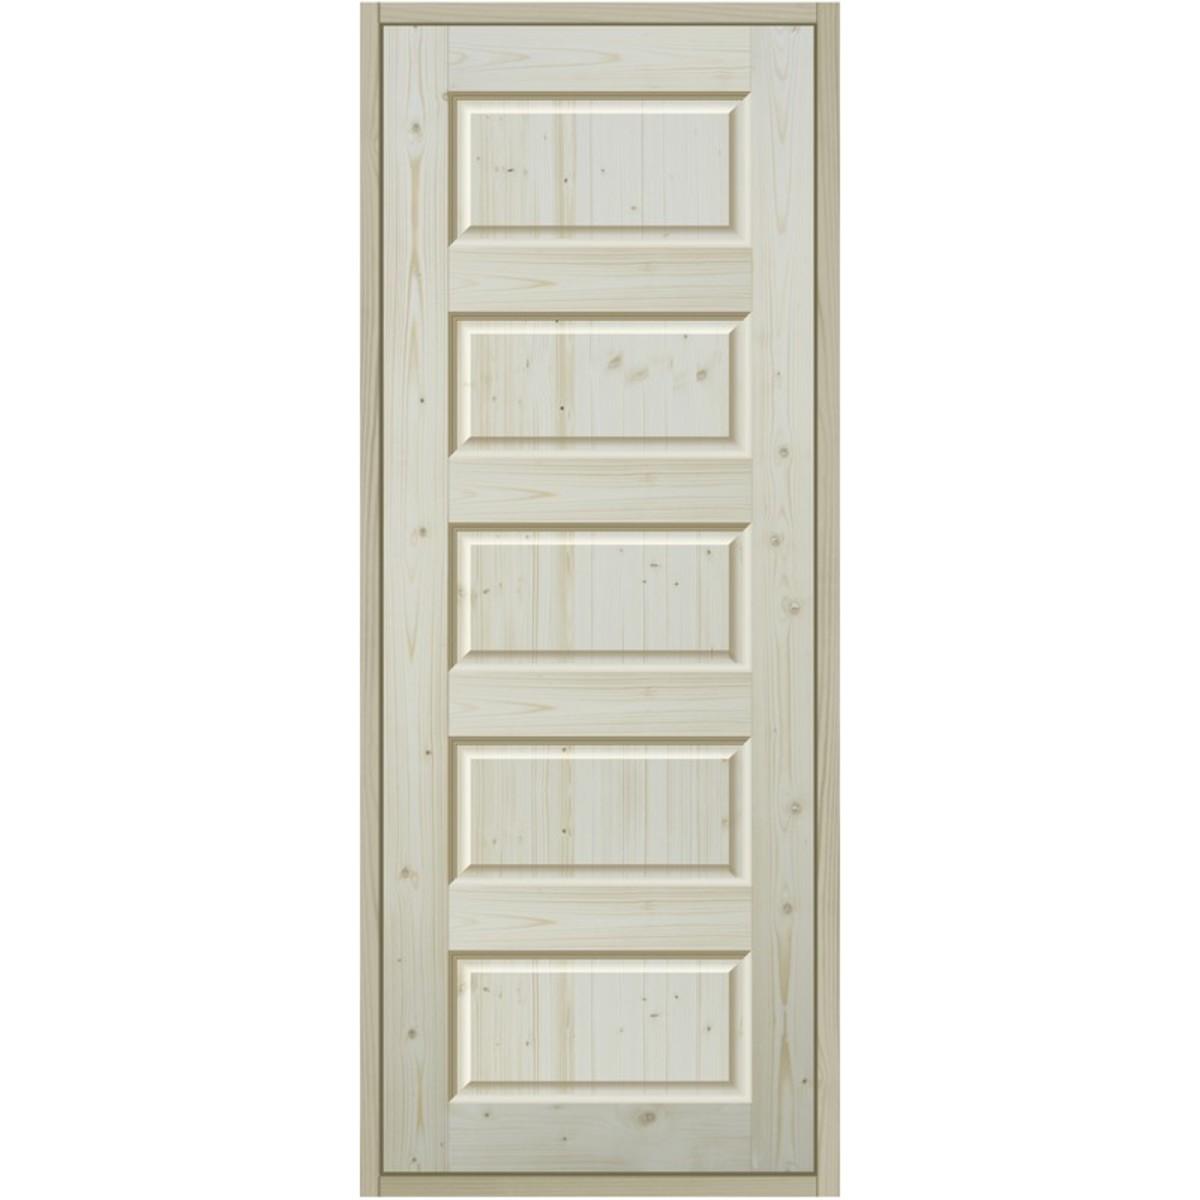 Дверь межкомнатная 90x200 см пятифиленчатый массив хвои цвет натуральный